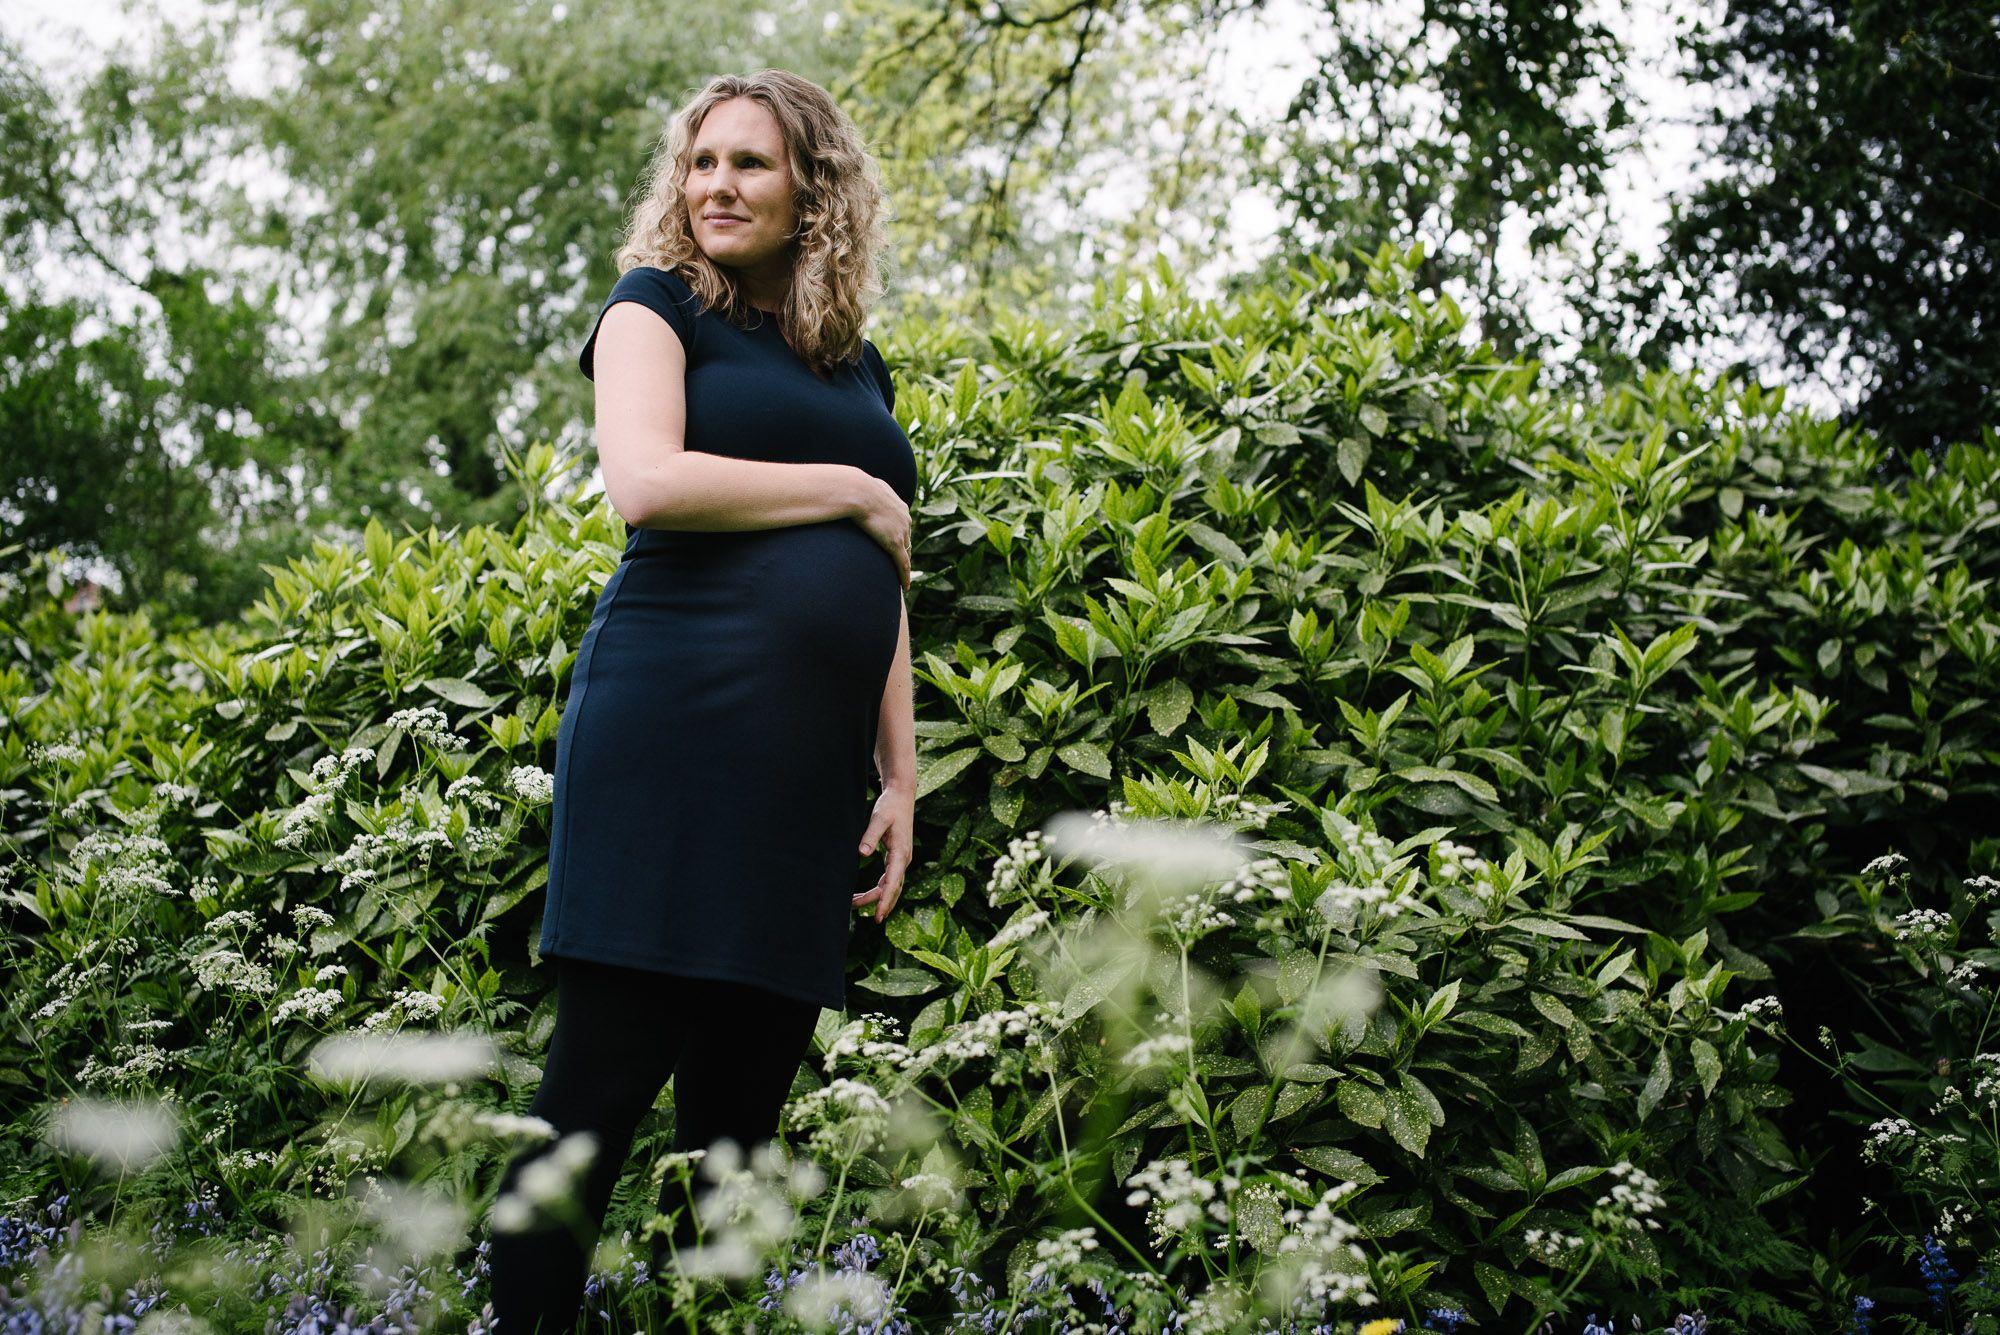 foto's zwanger